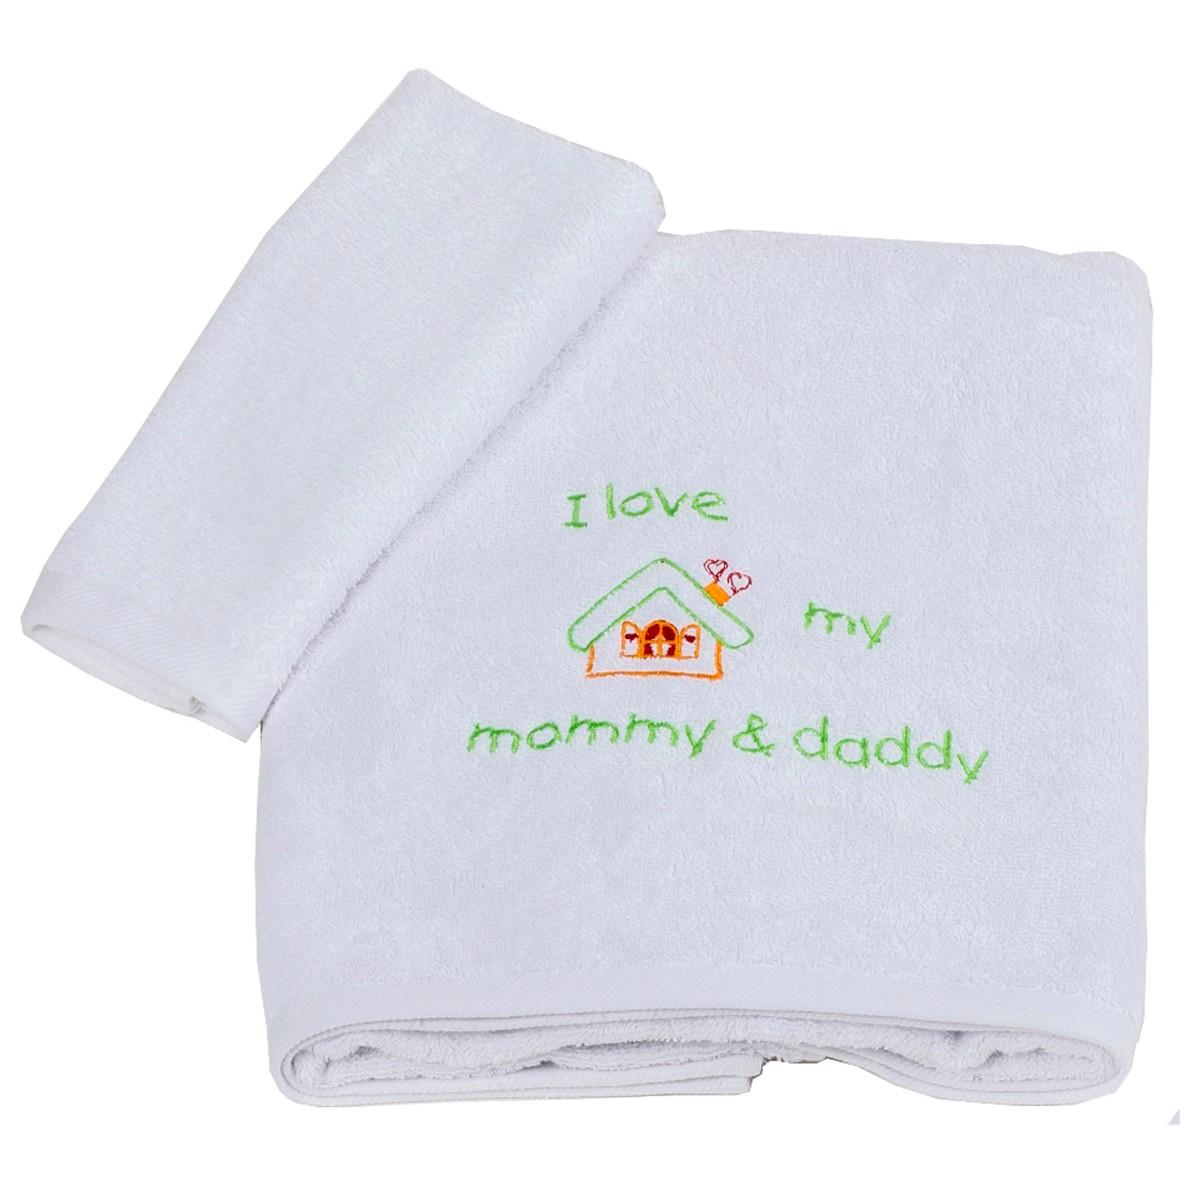 Βρεφικές Πετσέτες (Σετ 2τμχ) Κόσμος Του Μωρού Love 0502 Λαχανί